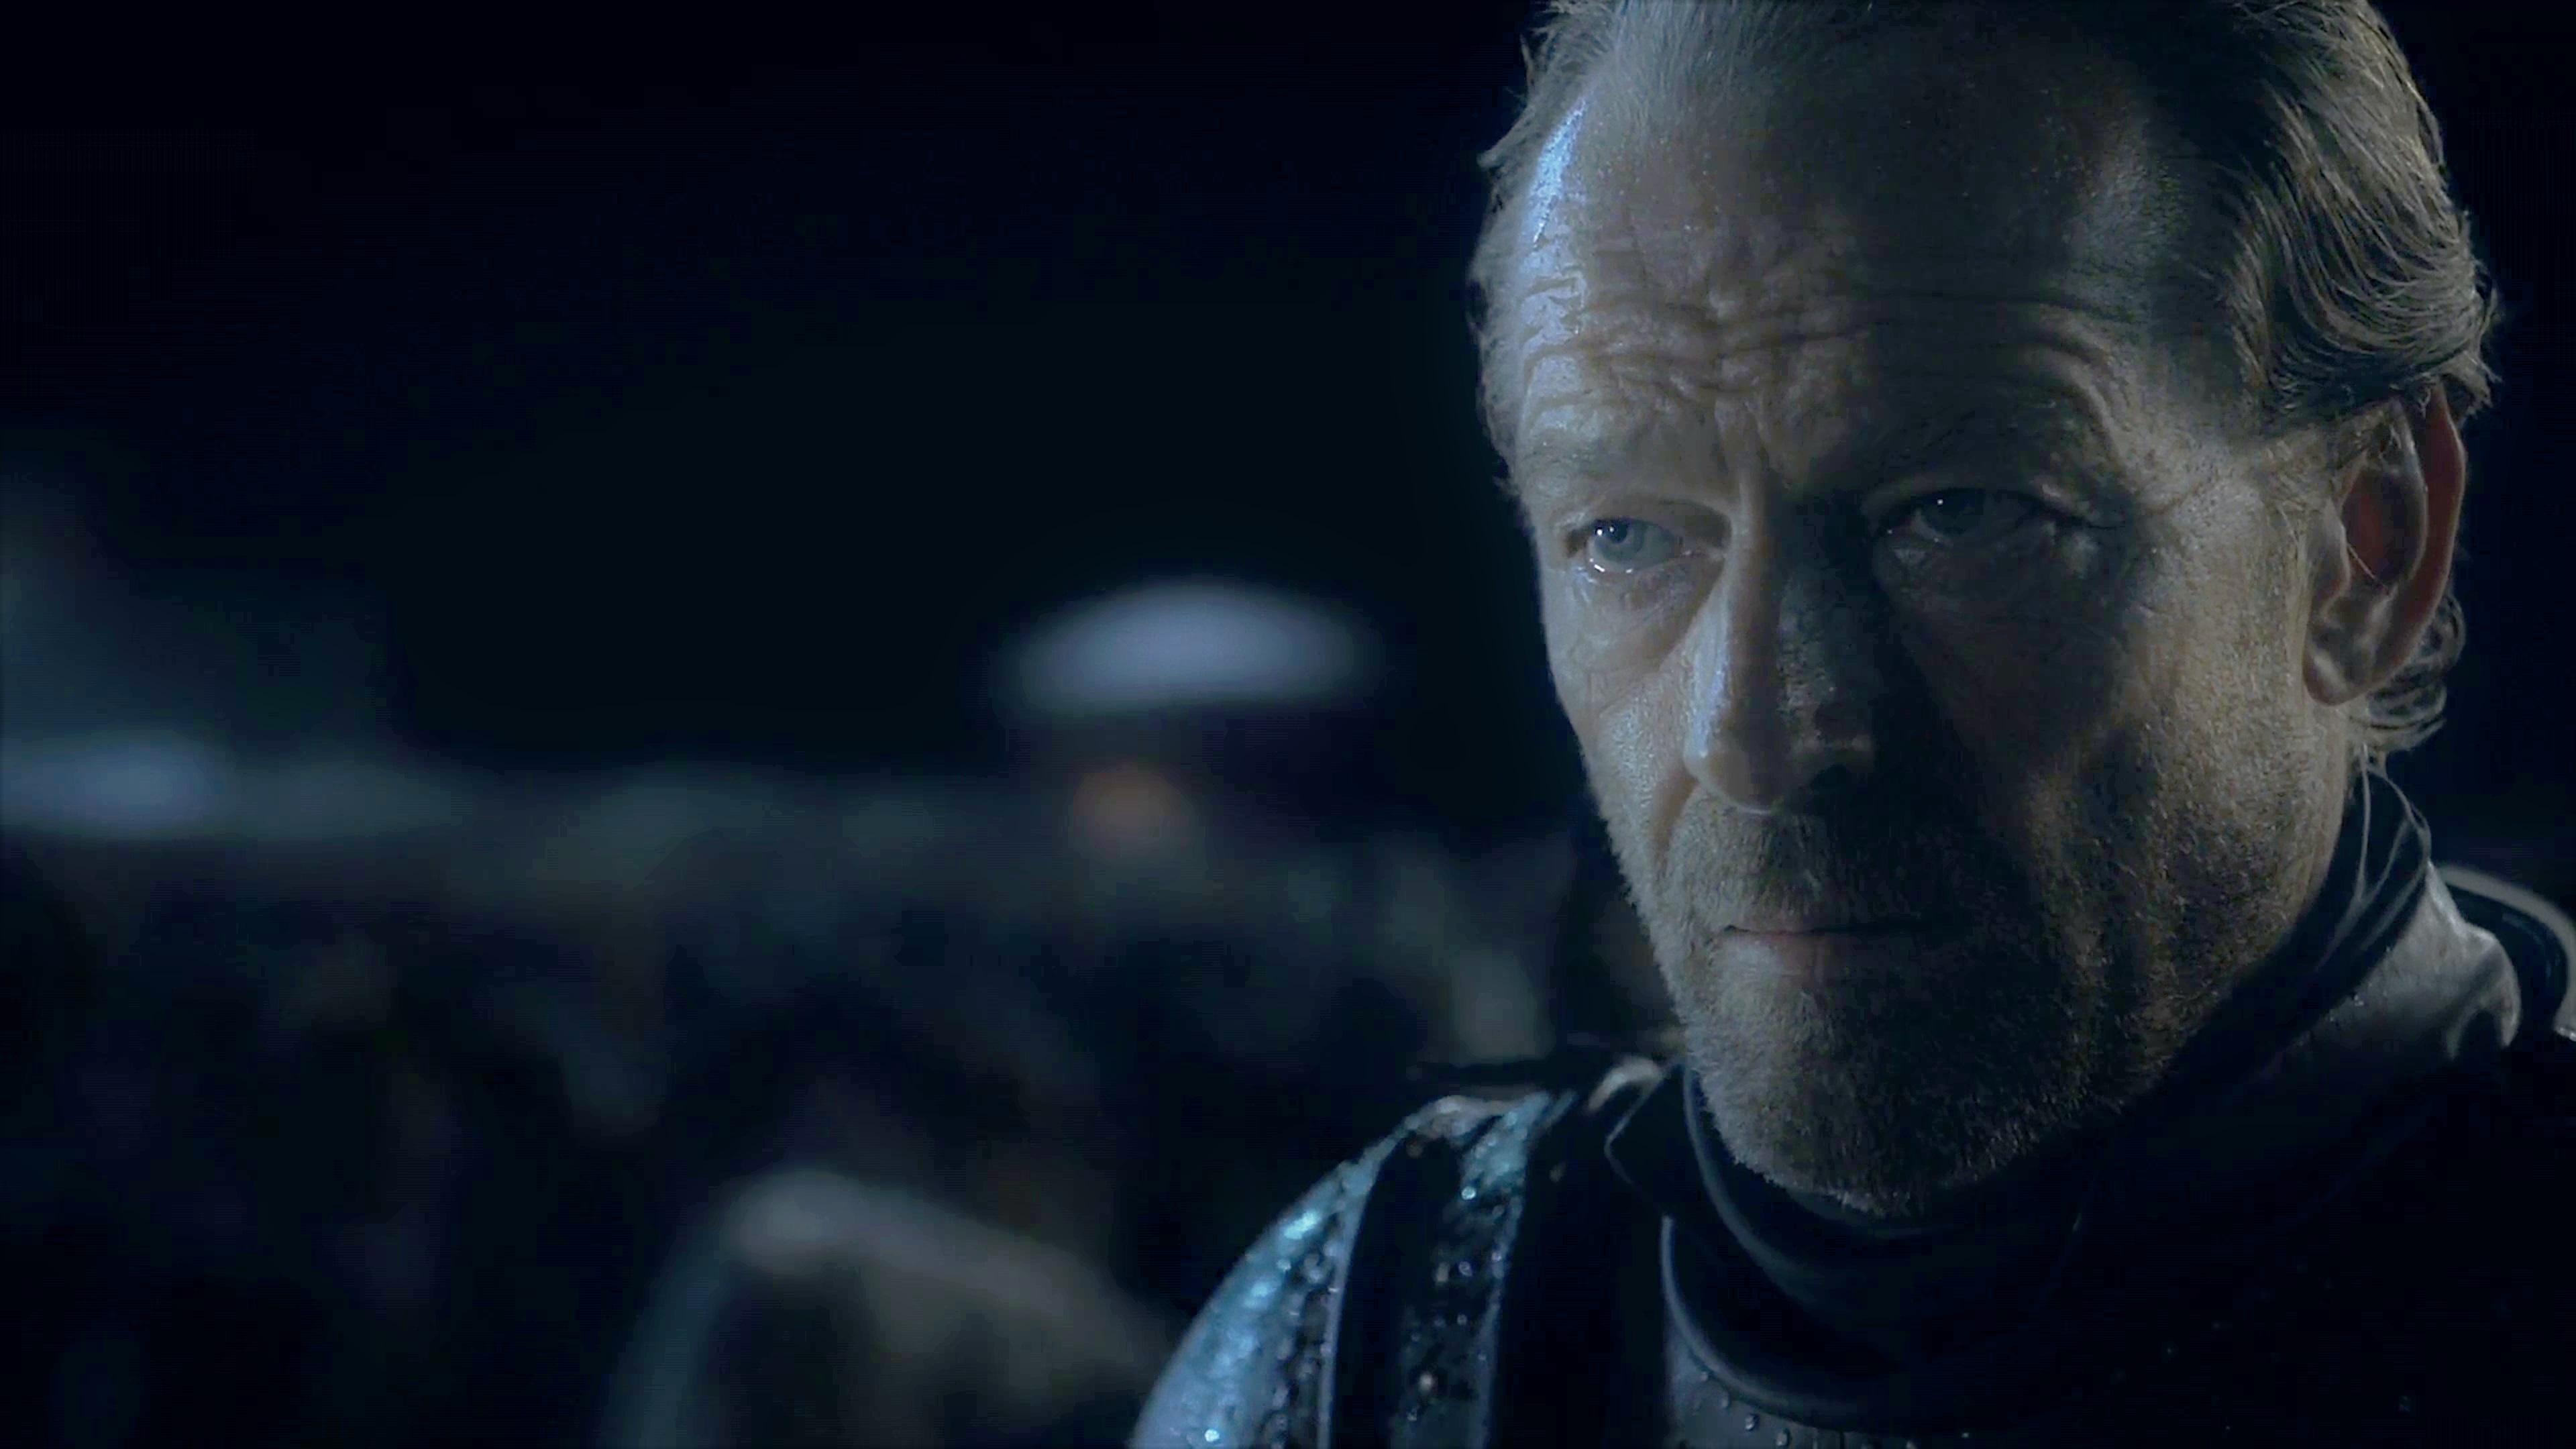 47. Season 8 Trailer Jorah Mormont Winterfell Battle